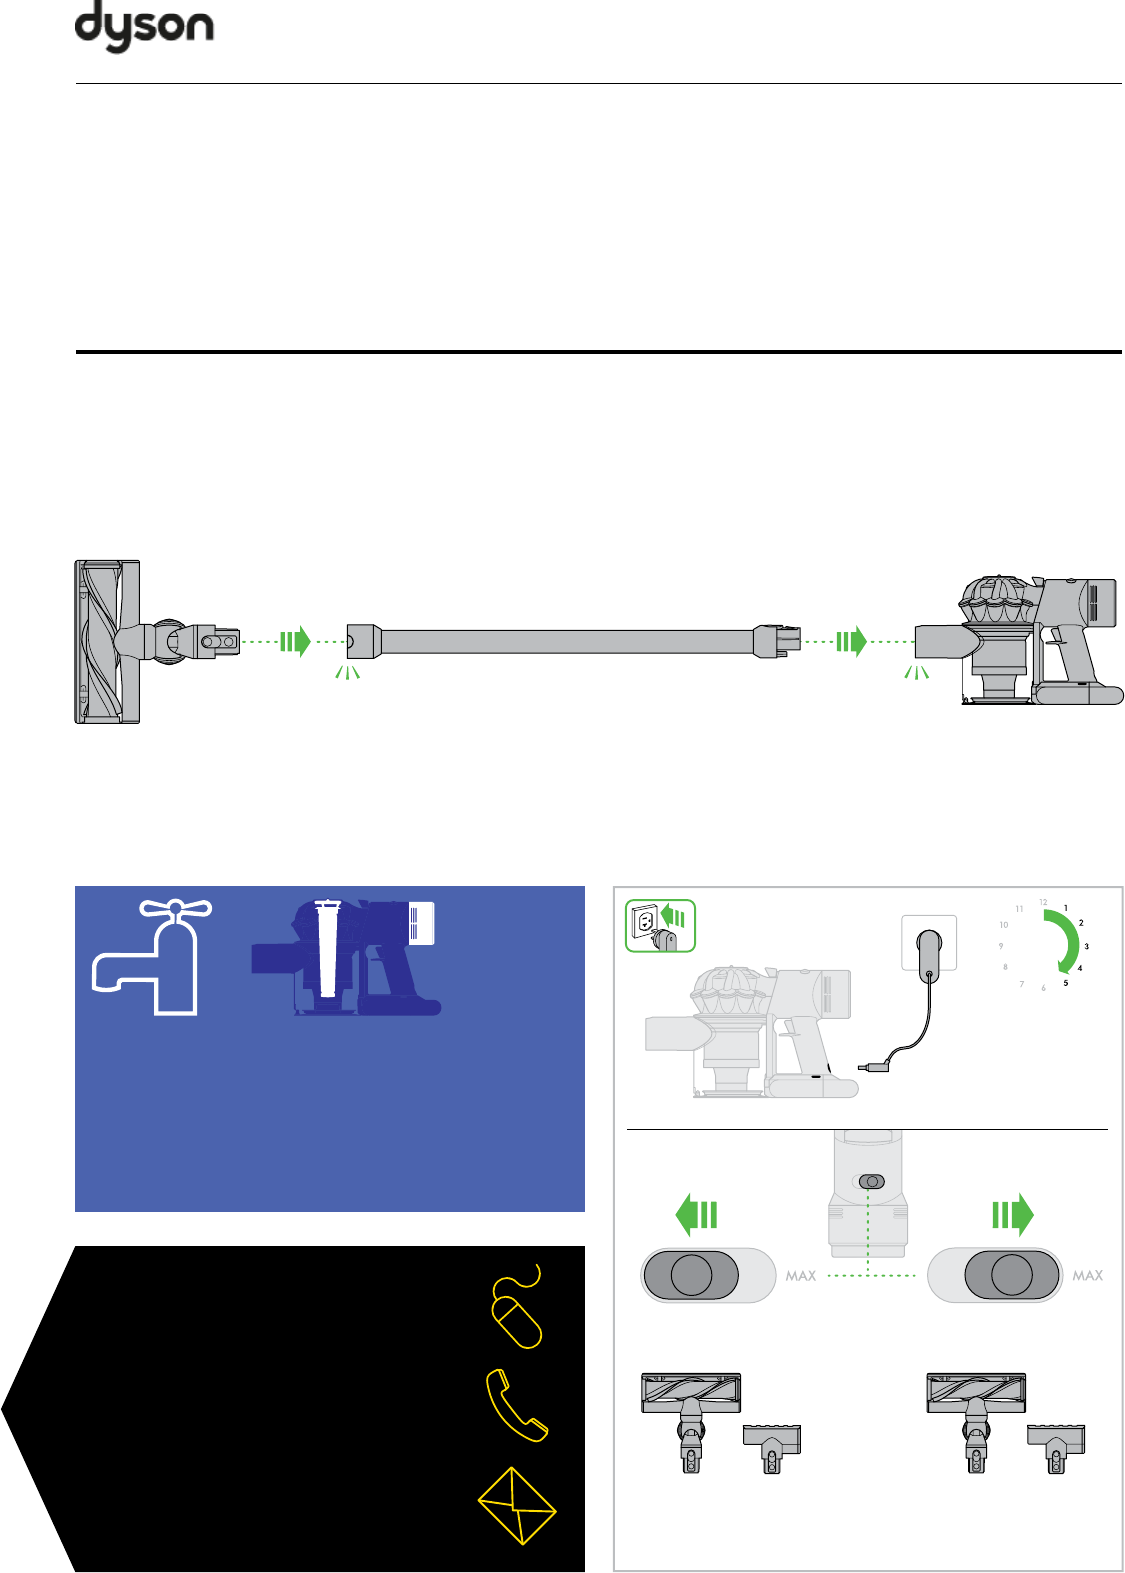 Инструкции дайсон dyson digital slim пылесос